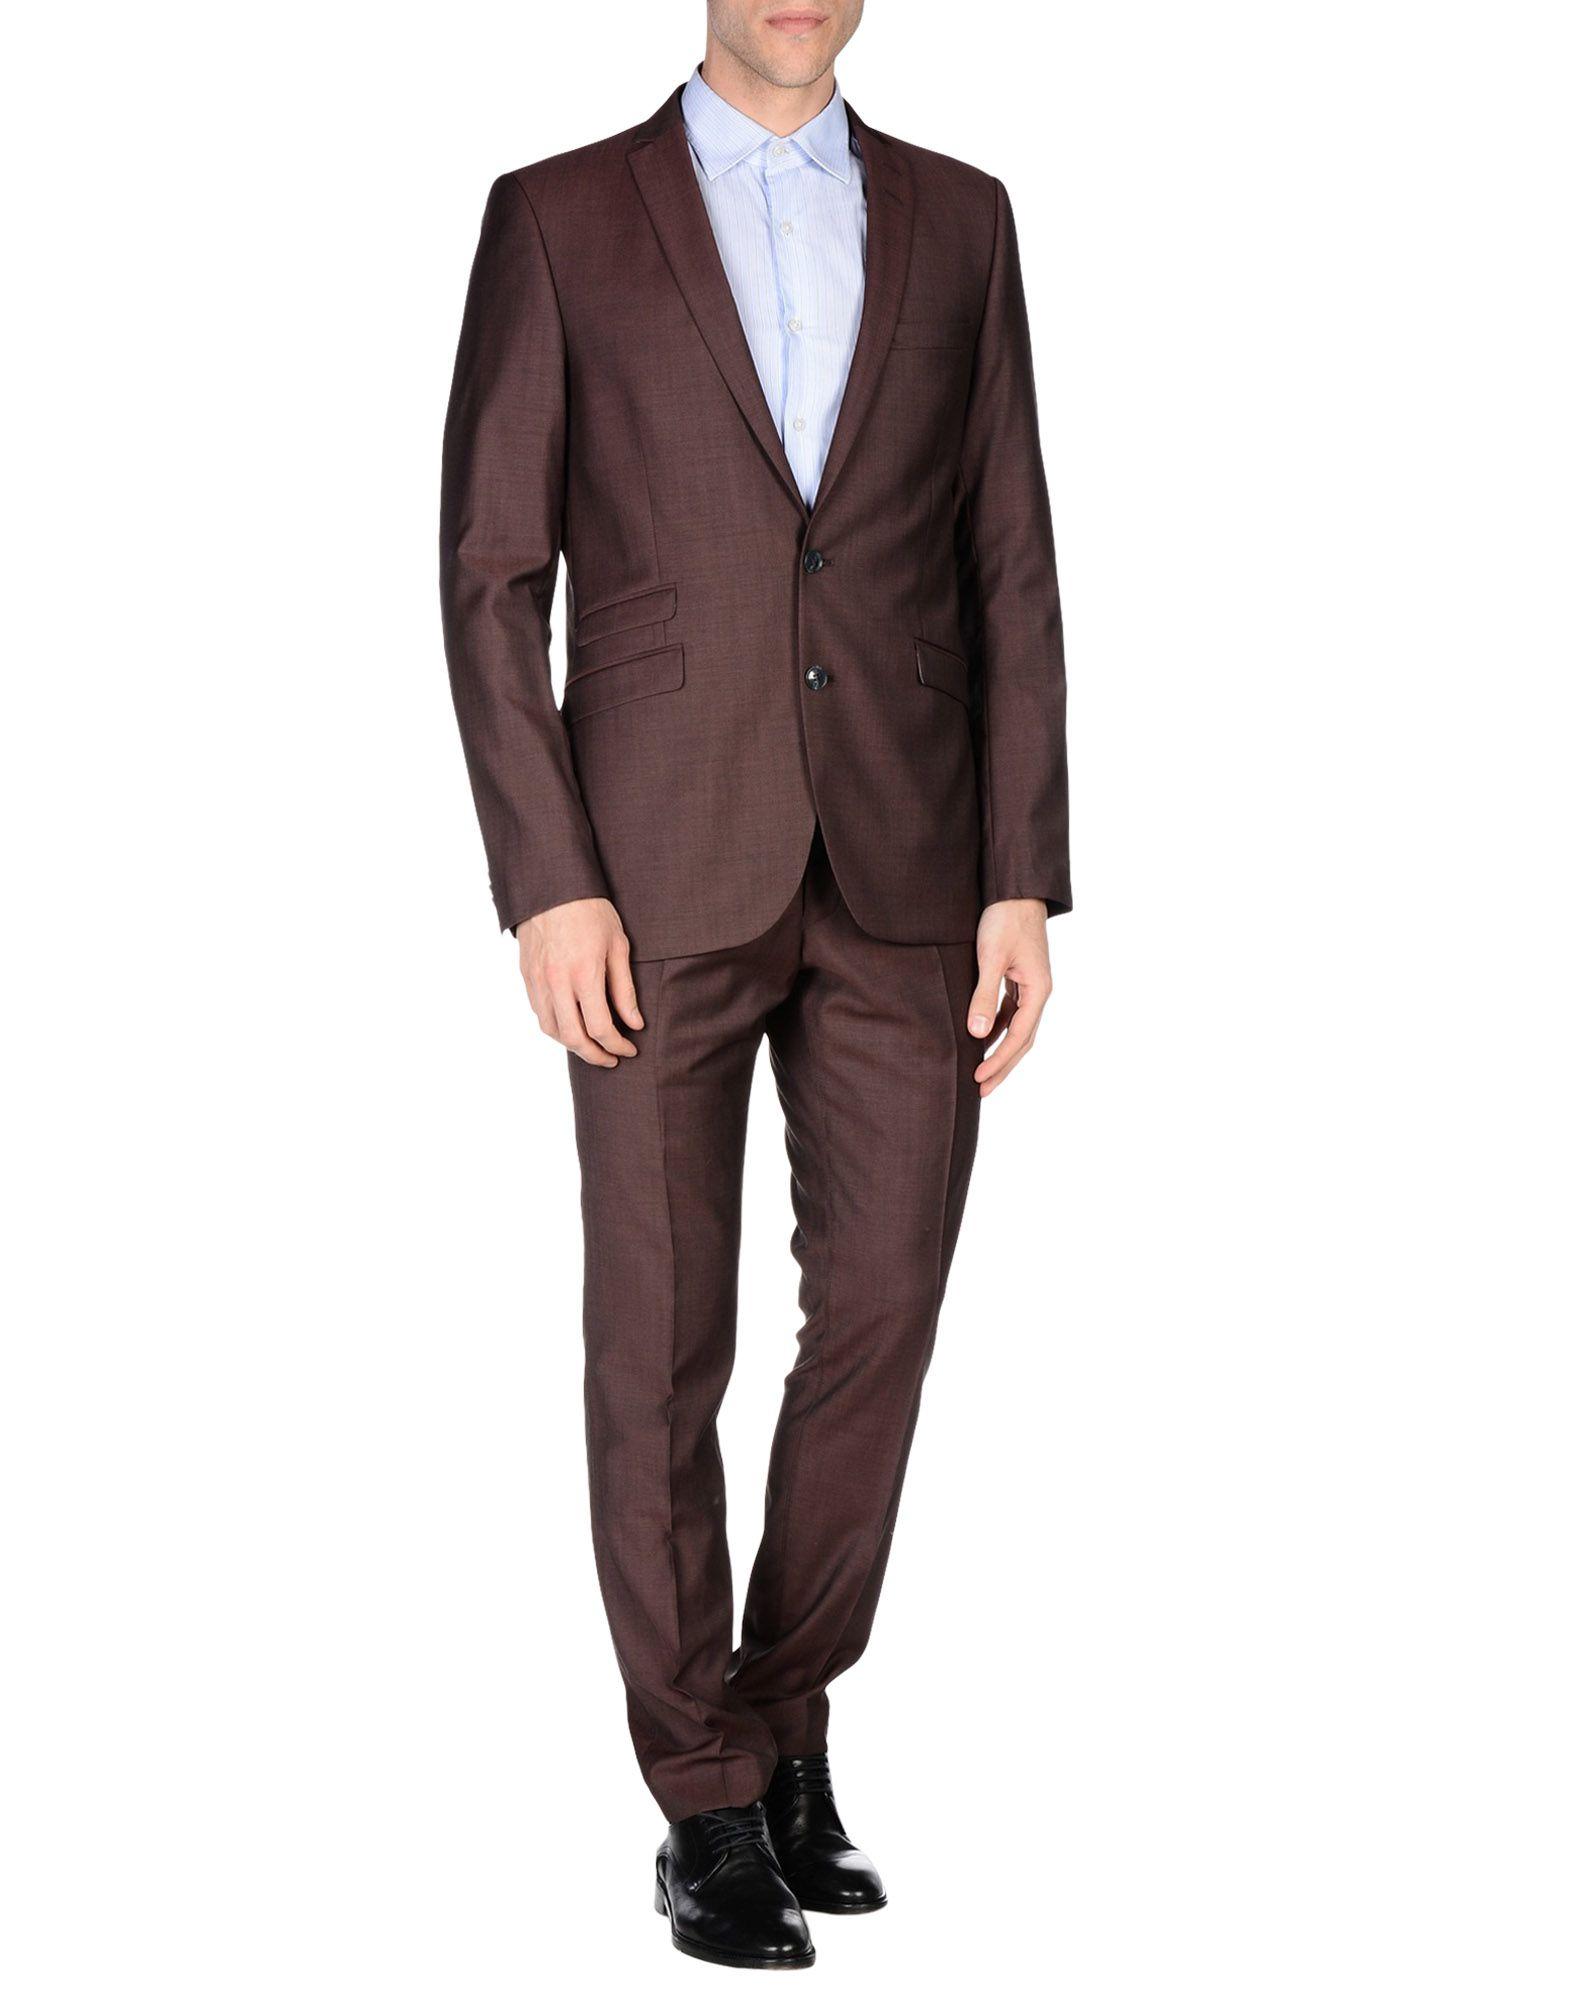 TIGER OF SWEDEN Herren Anzug Farbe Pflaume Größe 2